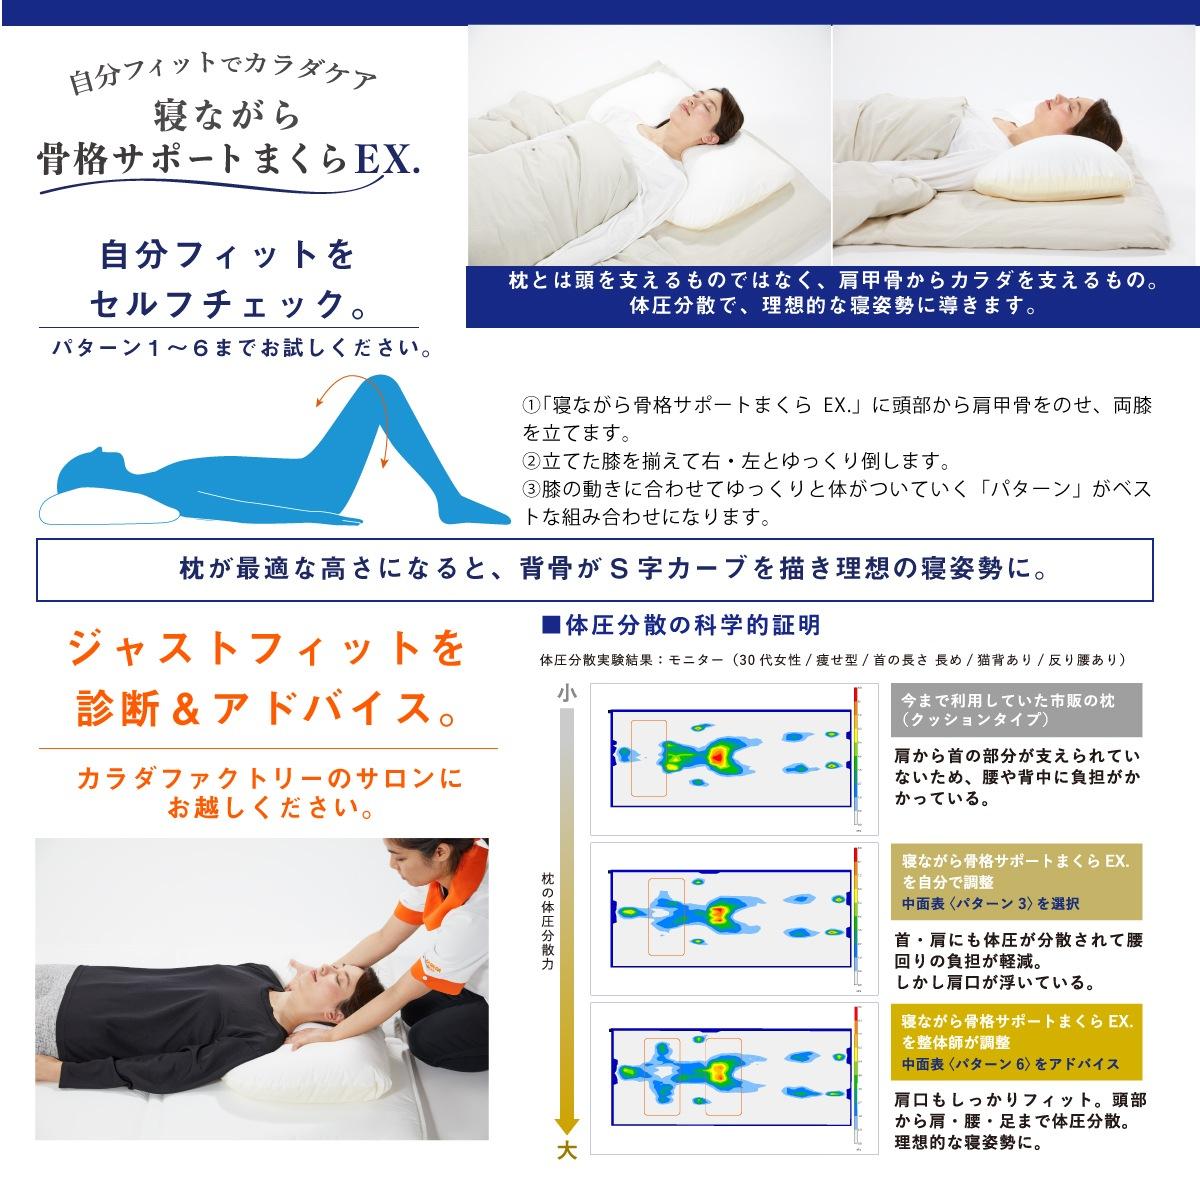 寝ながら骨格サポートまくらEX.説明画像4